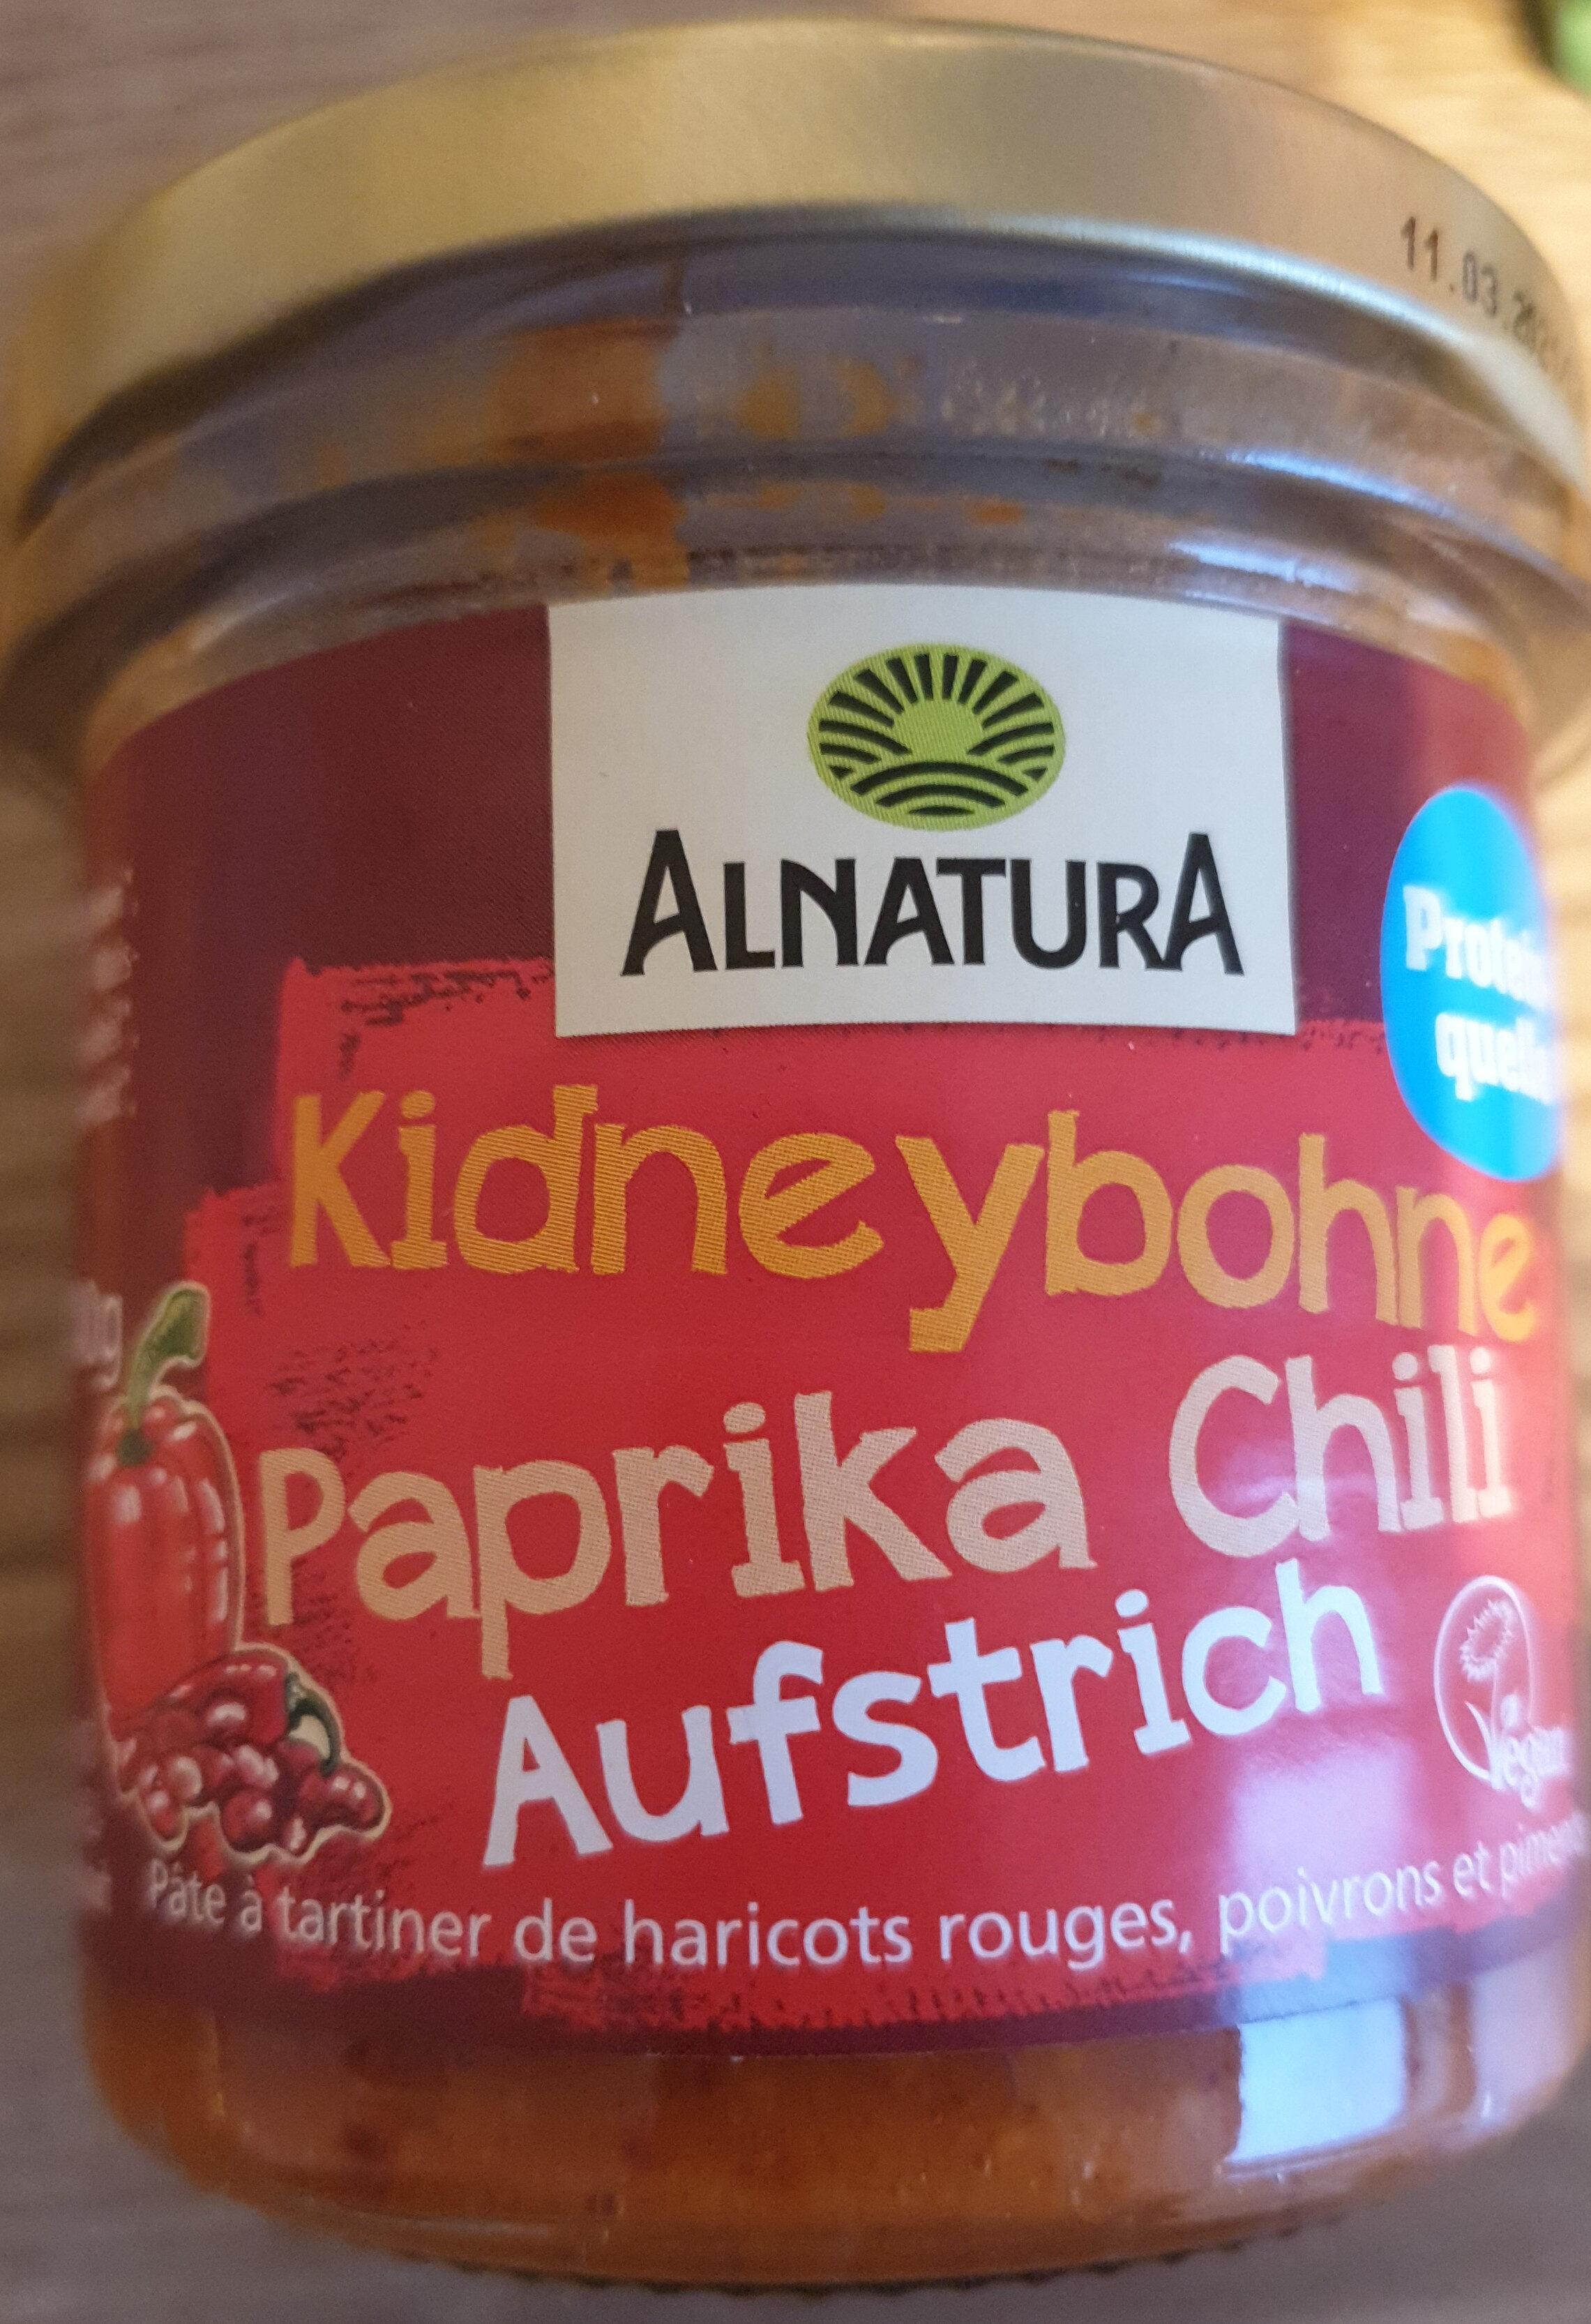 Kidneybohne Paprika Chili Aufstrich - Product